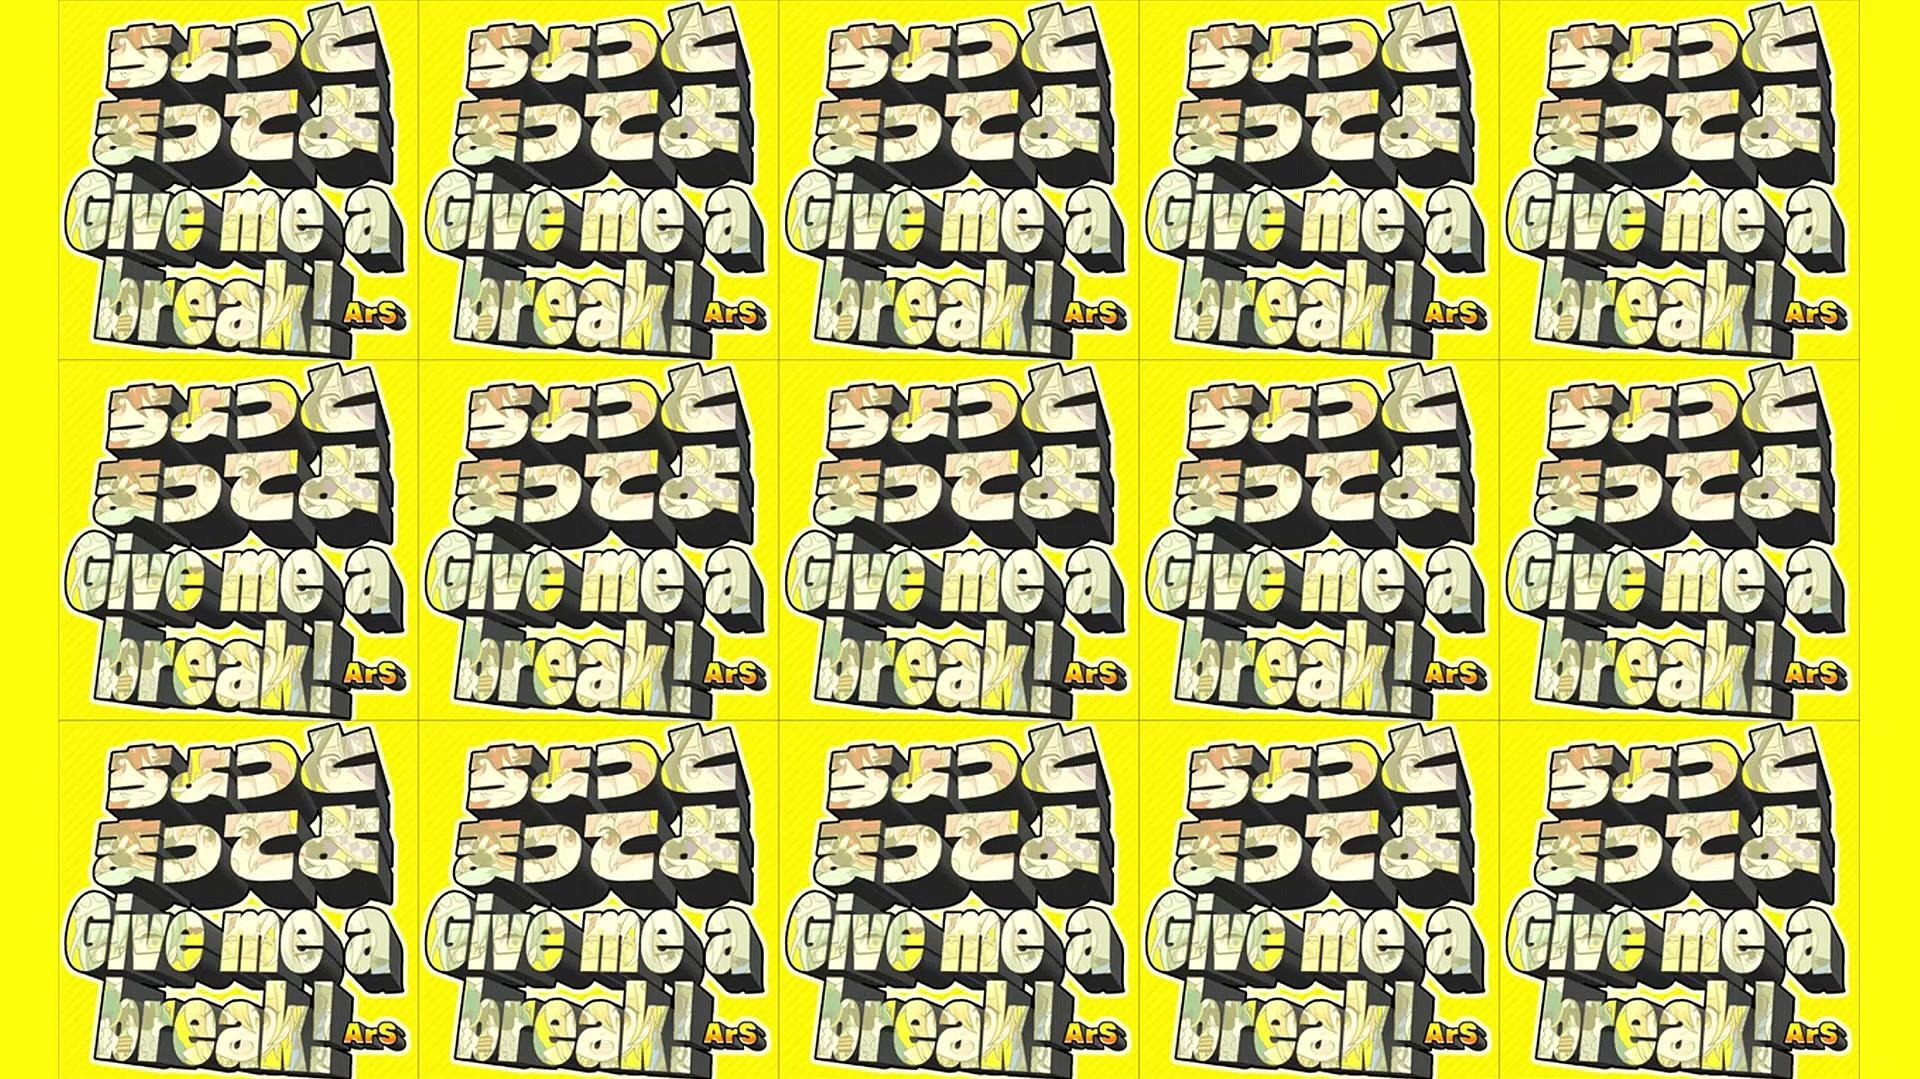 Chotto Matte yo Give Me A Break! (ちょっとまってよ Give me a break!) - ArS